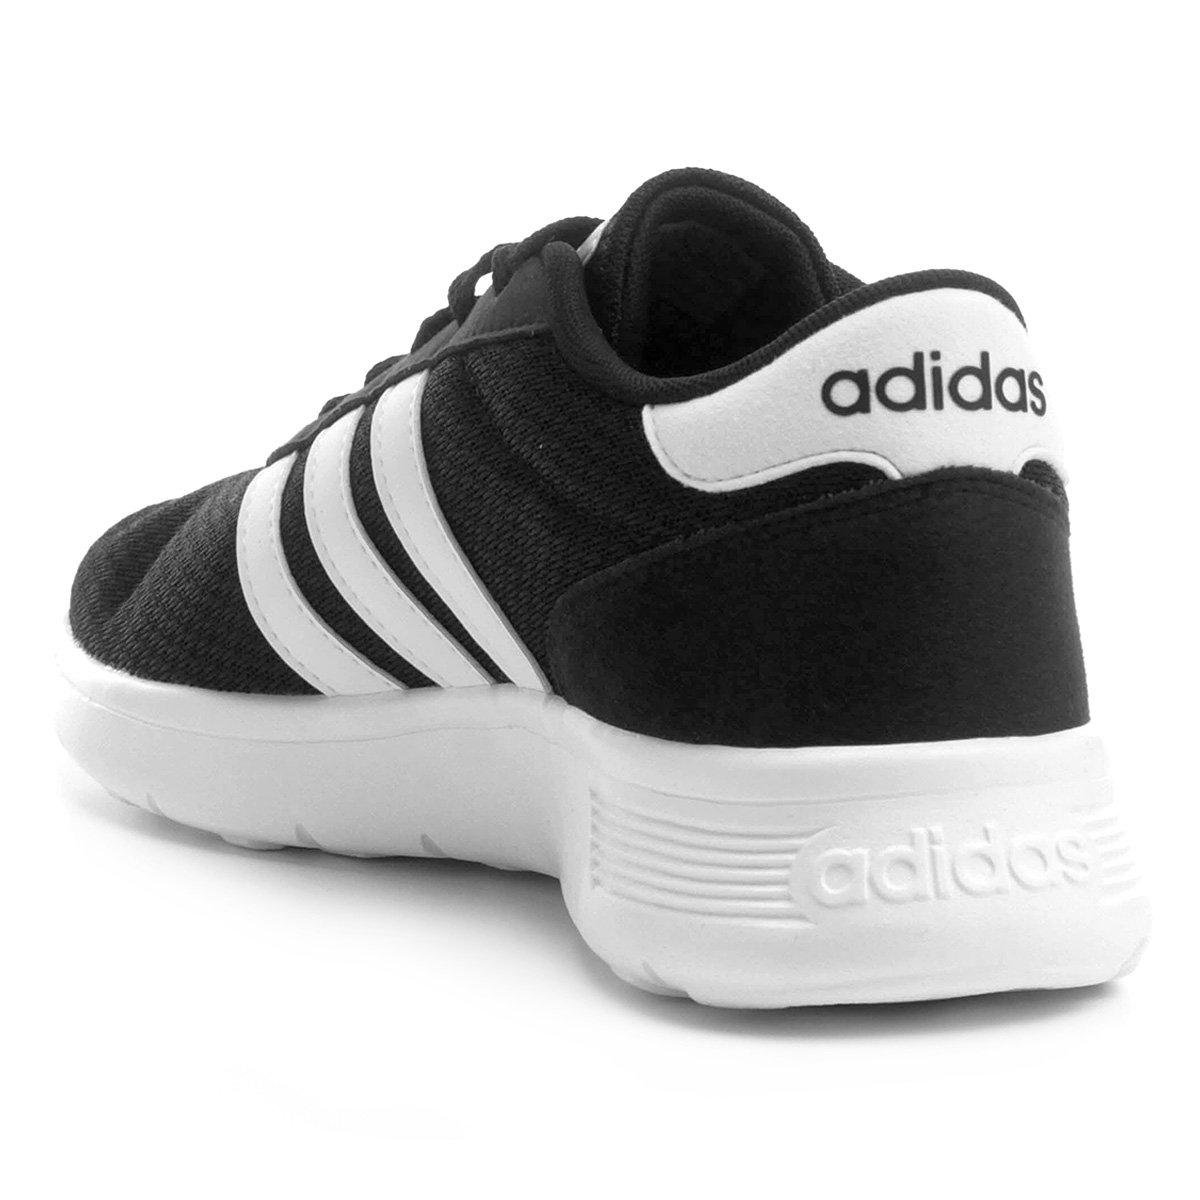 Tênis Adidas Lite Racer Masculino - Preto e Branco - Compre Agora ... 22d92ab8f1187